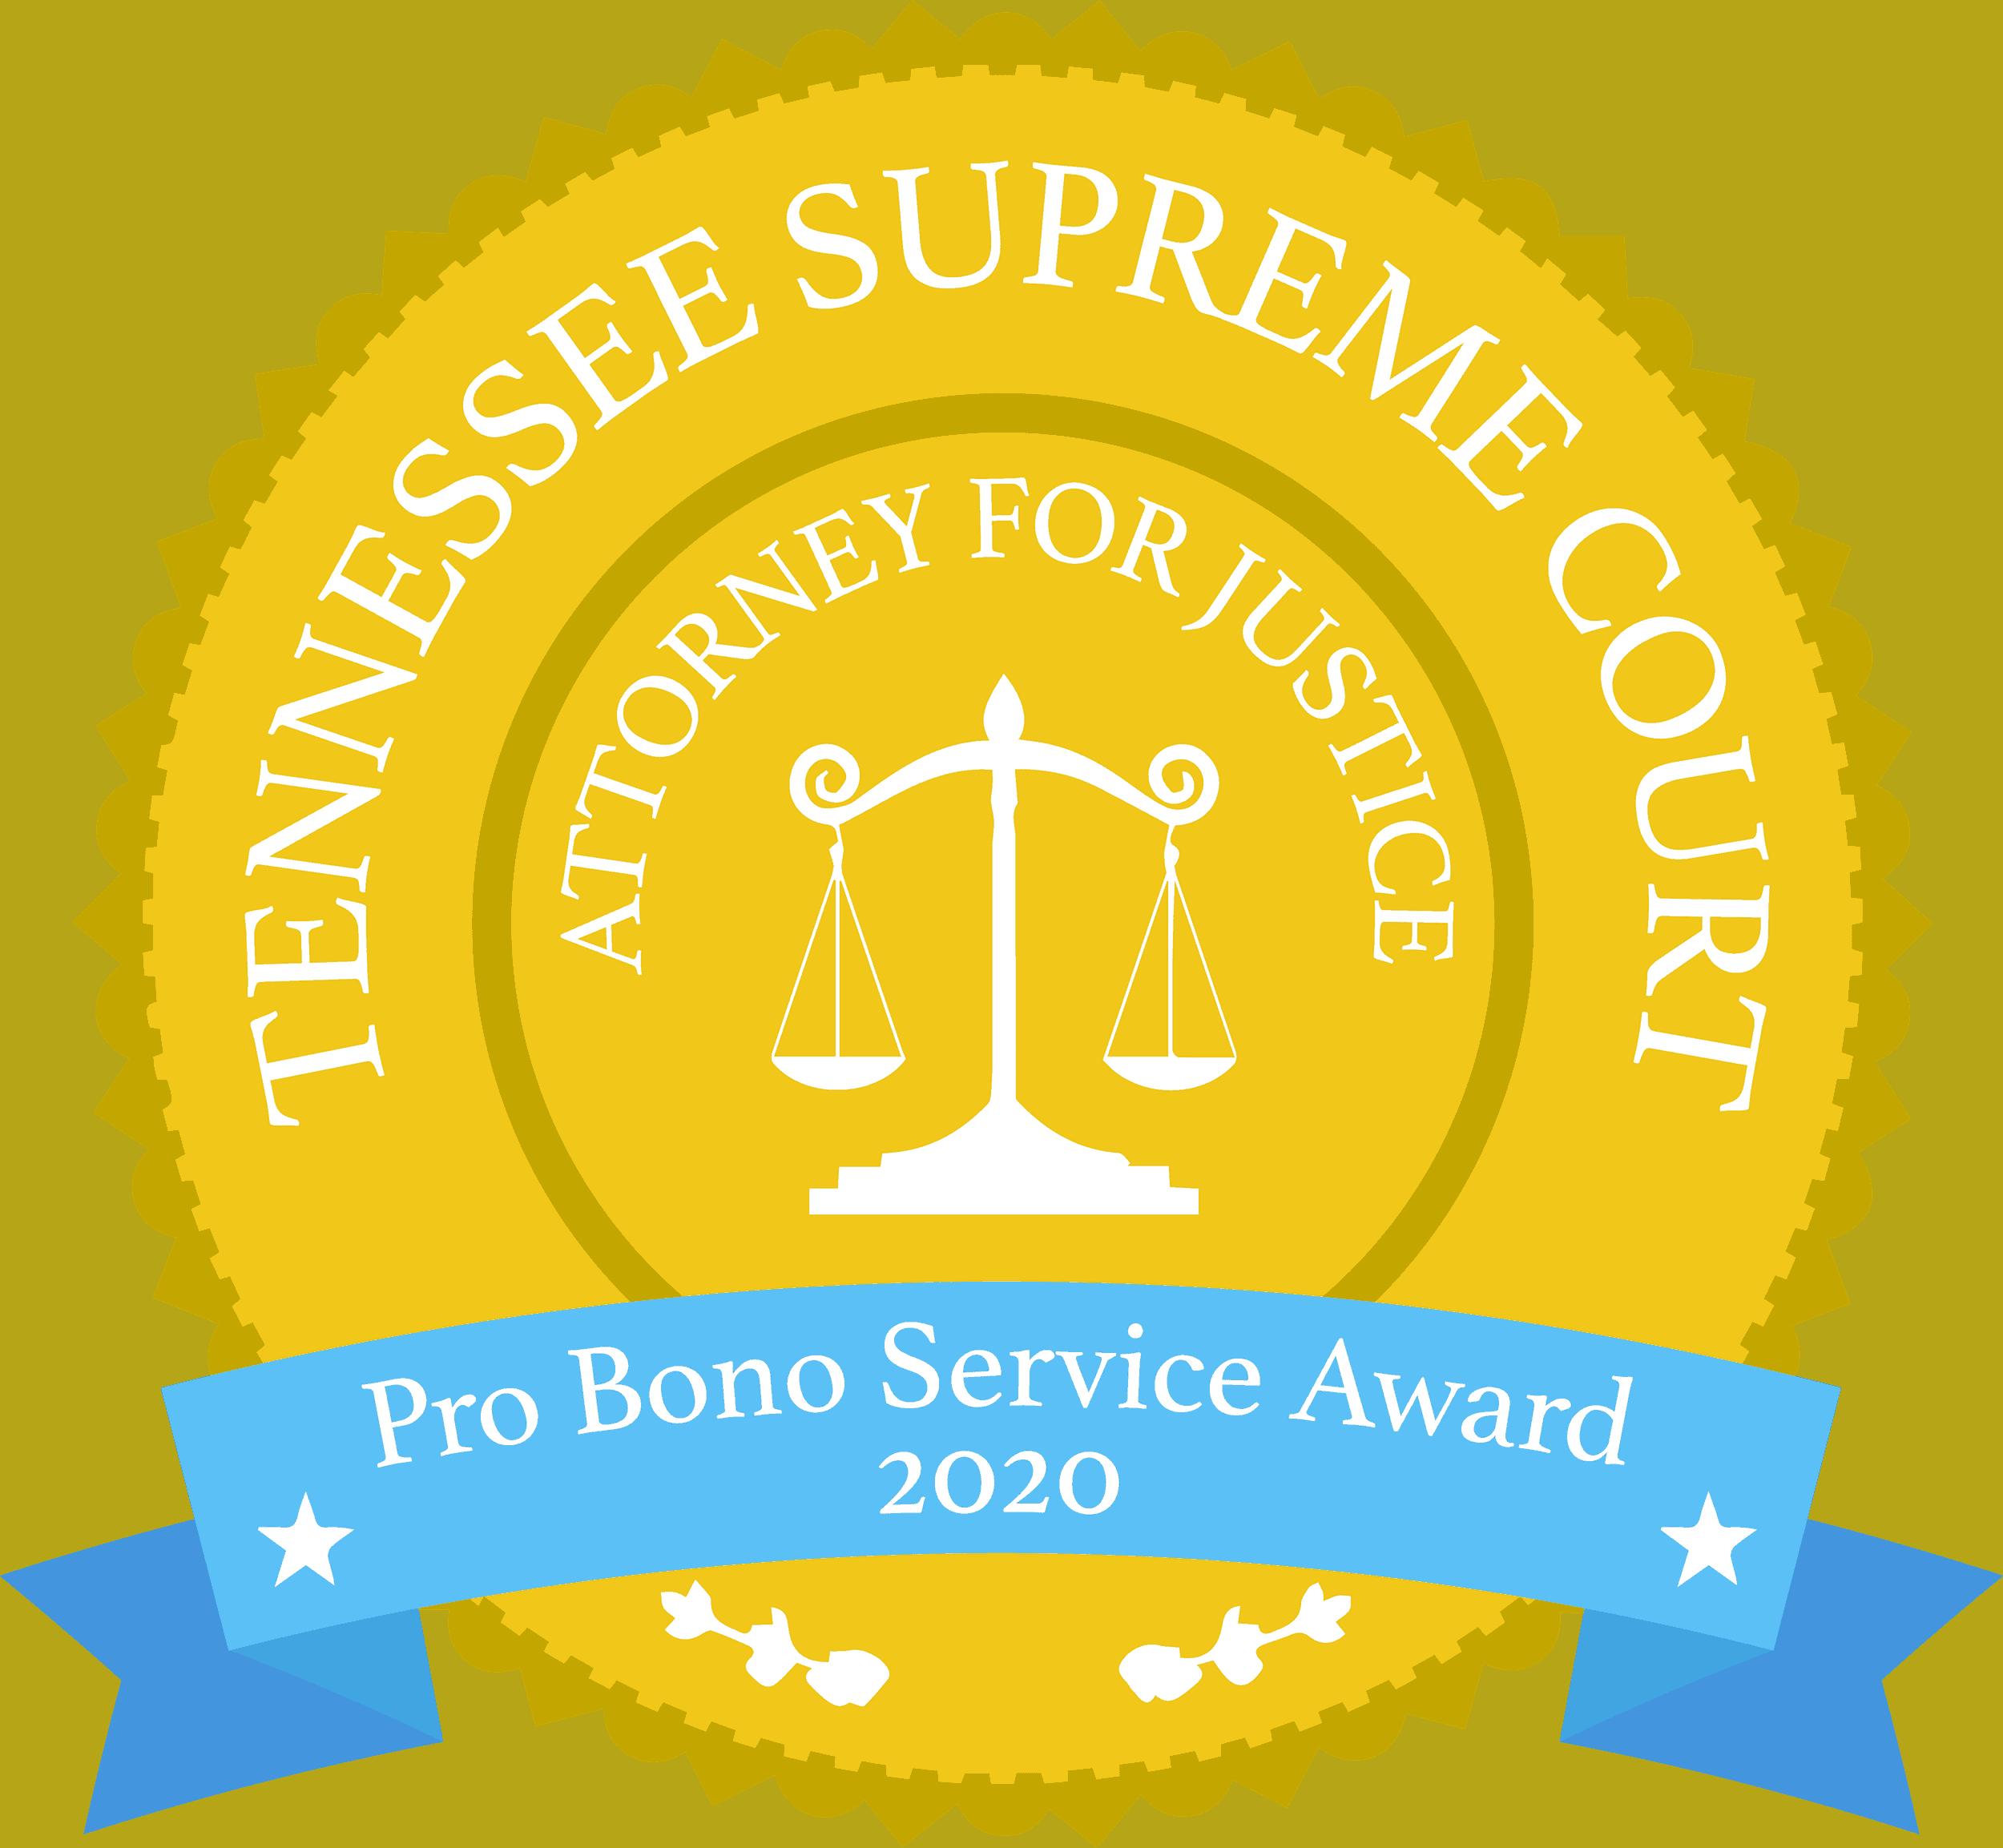 Pro Bono Service Award 2020